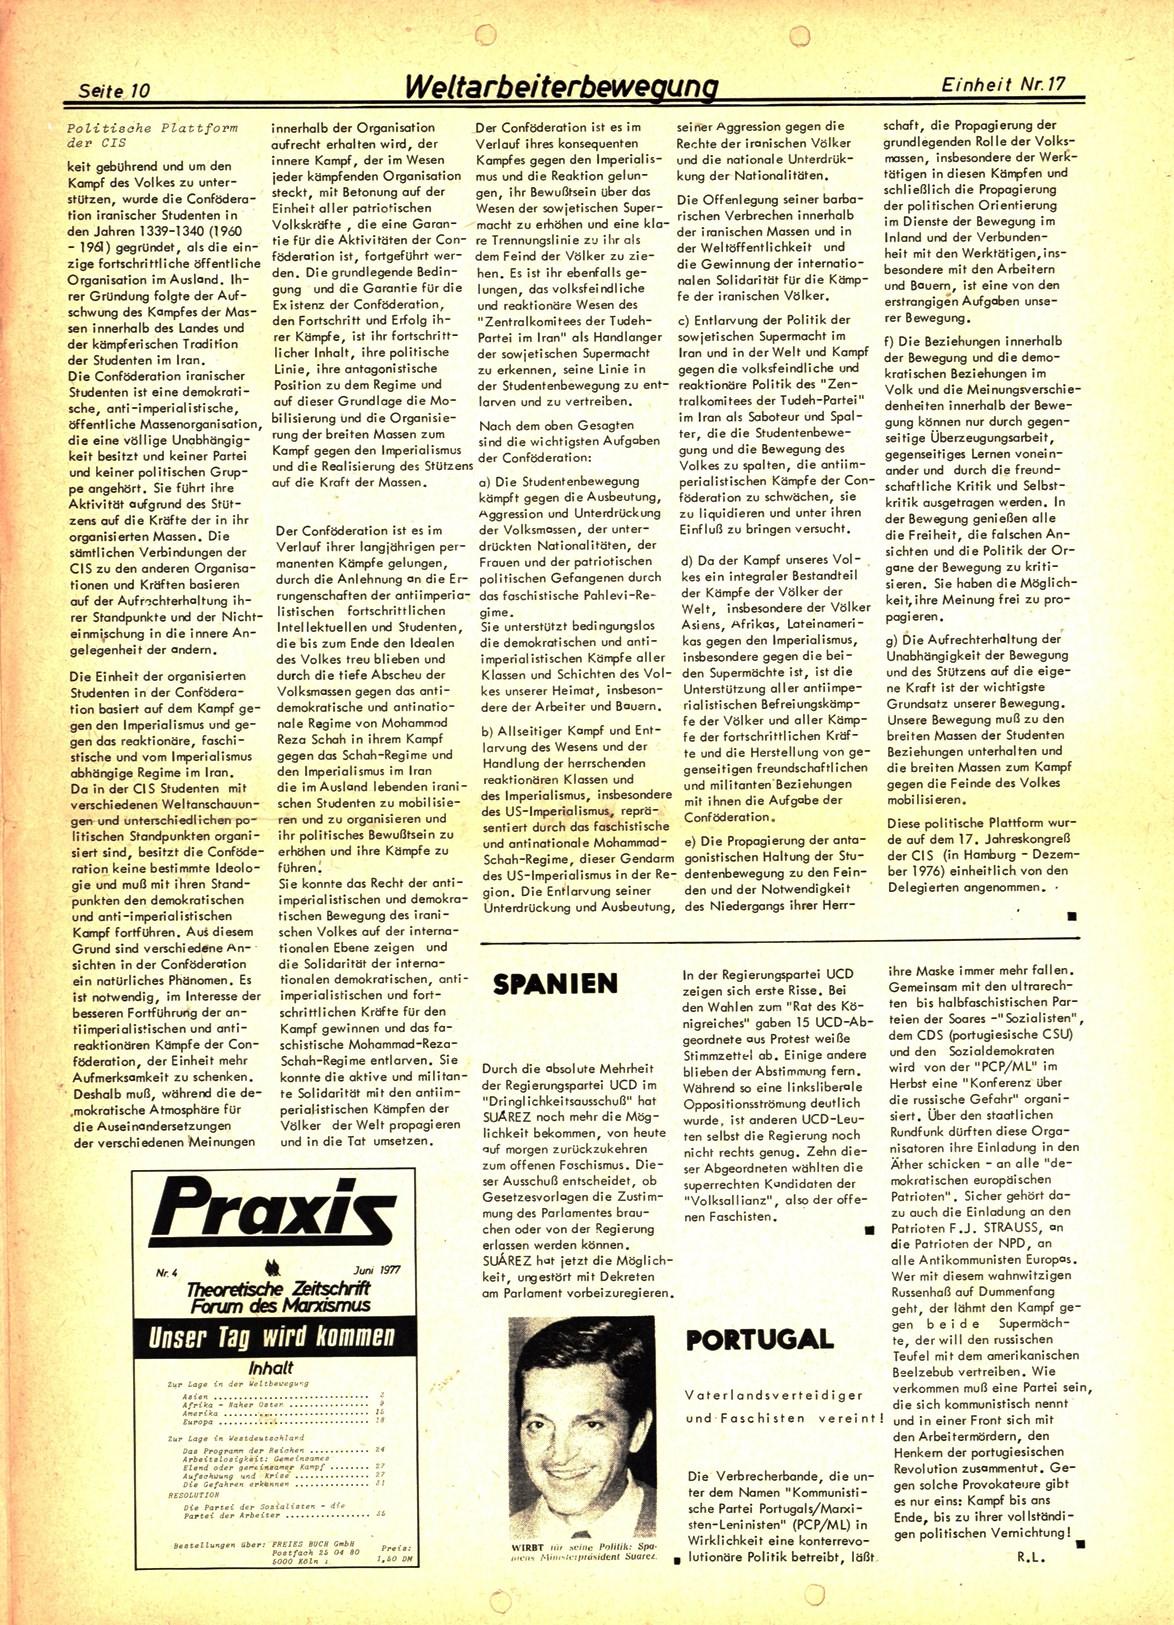 Koeln_IPdA_Einheit_1977_017_010